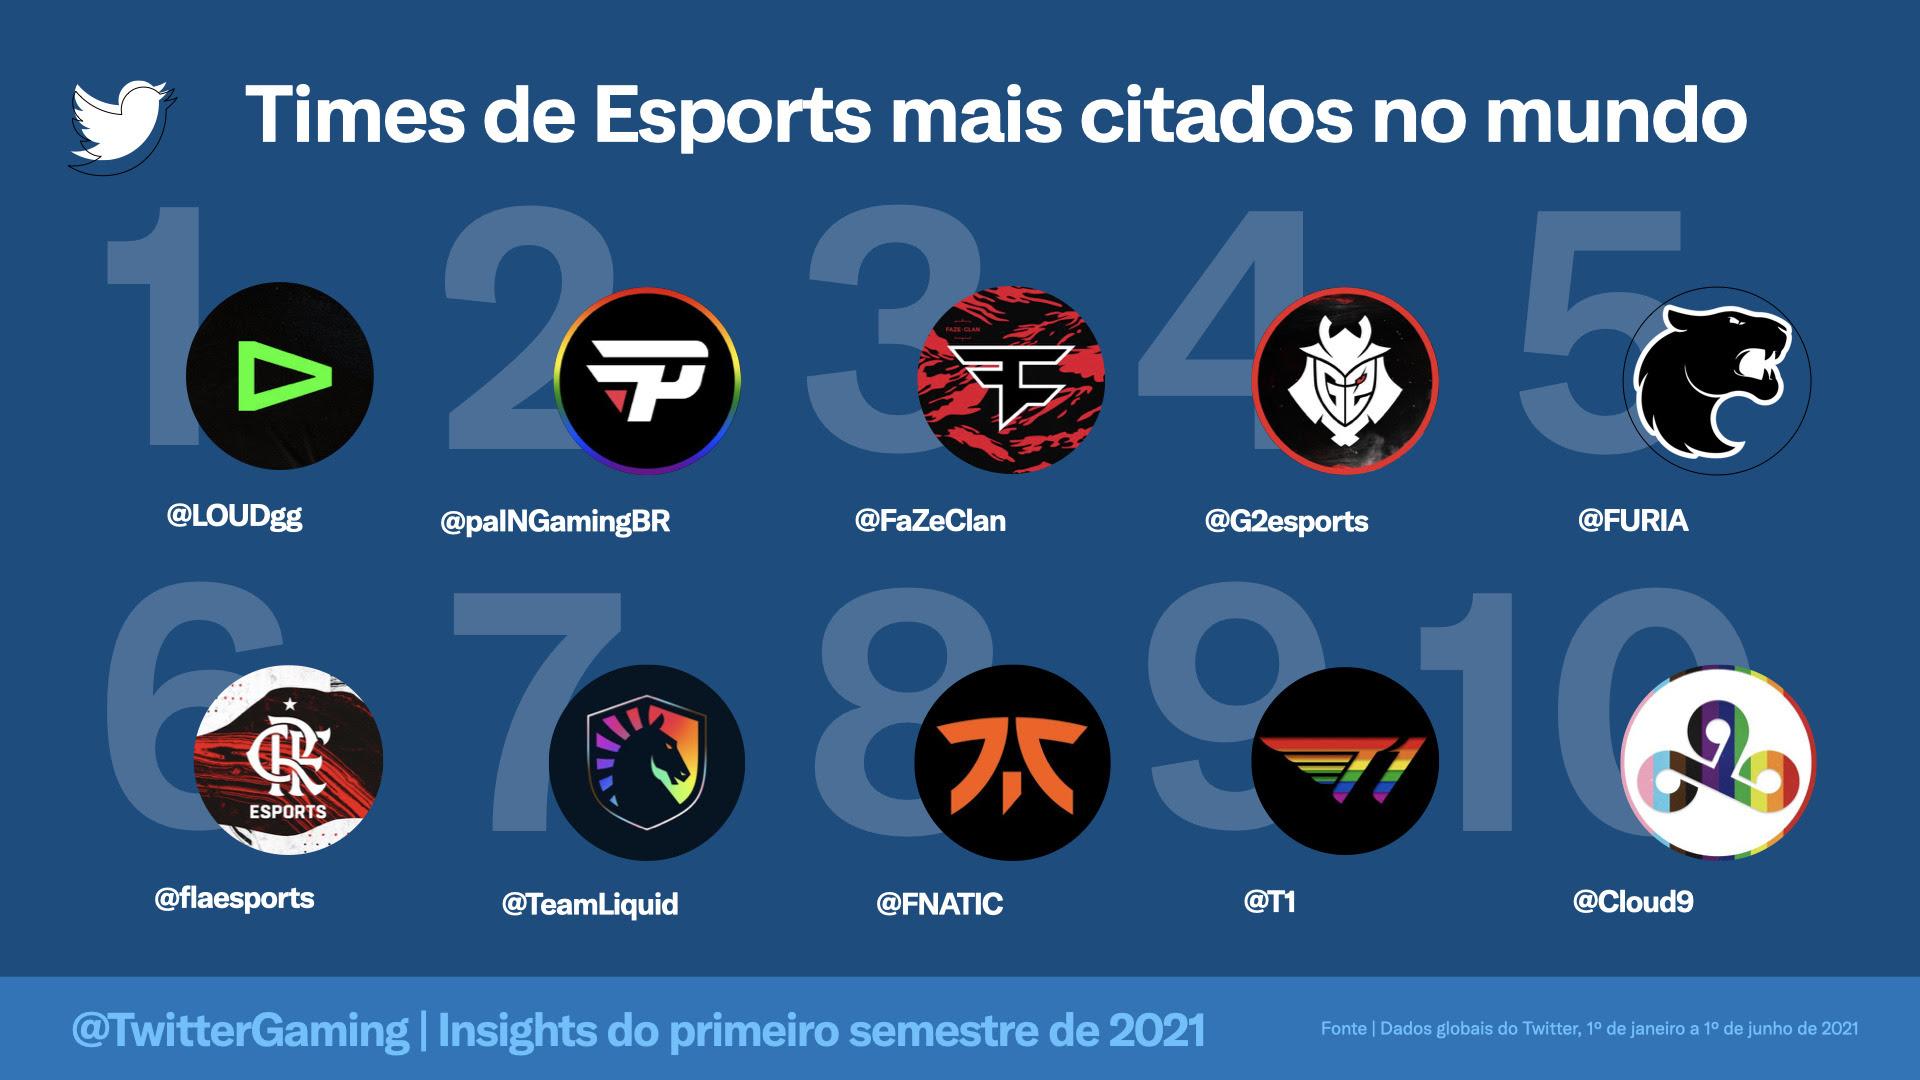 Esports | conversas no Twitter crescem e times brasileiros são destaque na plataforma 2